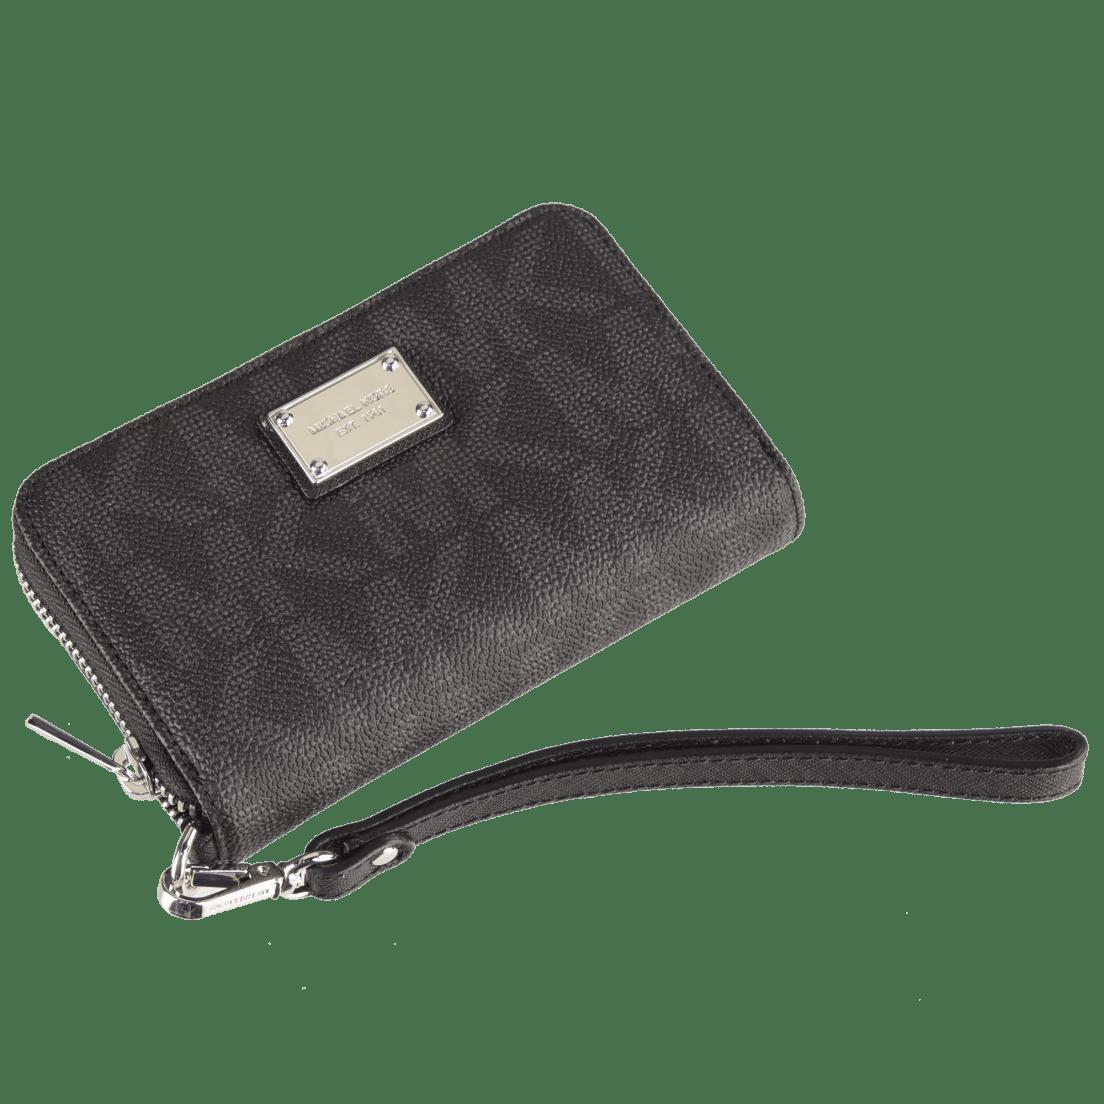 94c78bdc8c91 Michael Kors Essential Zip Wallet Gray Monogram